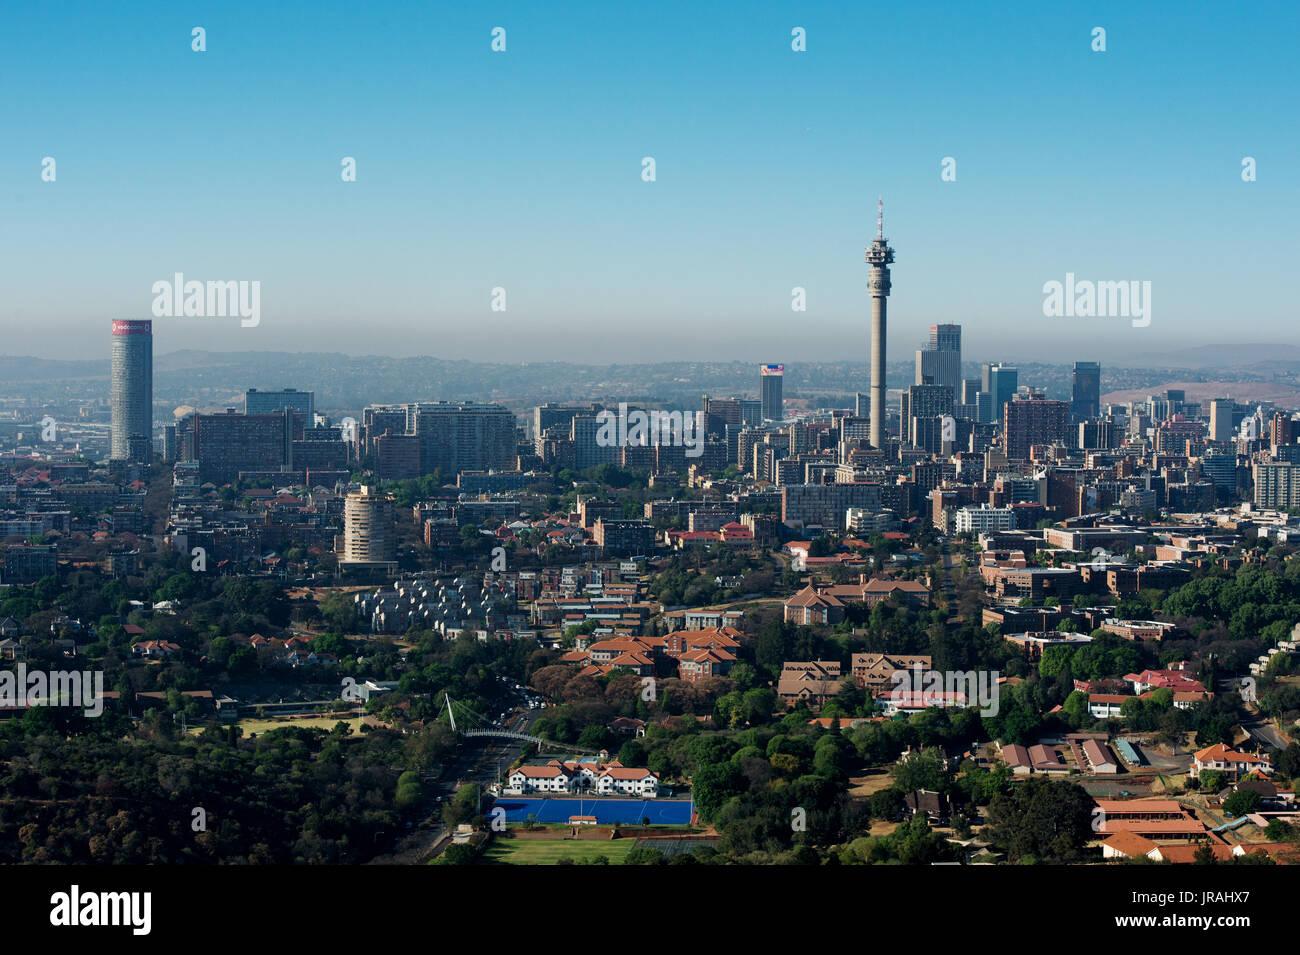 Vista aerea della città di Johannesburg skyline Immagini Stock